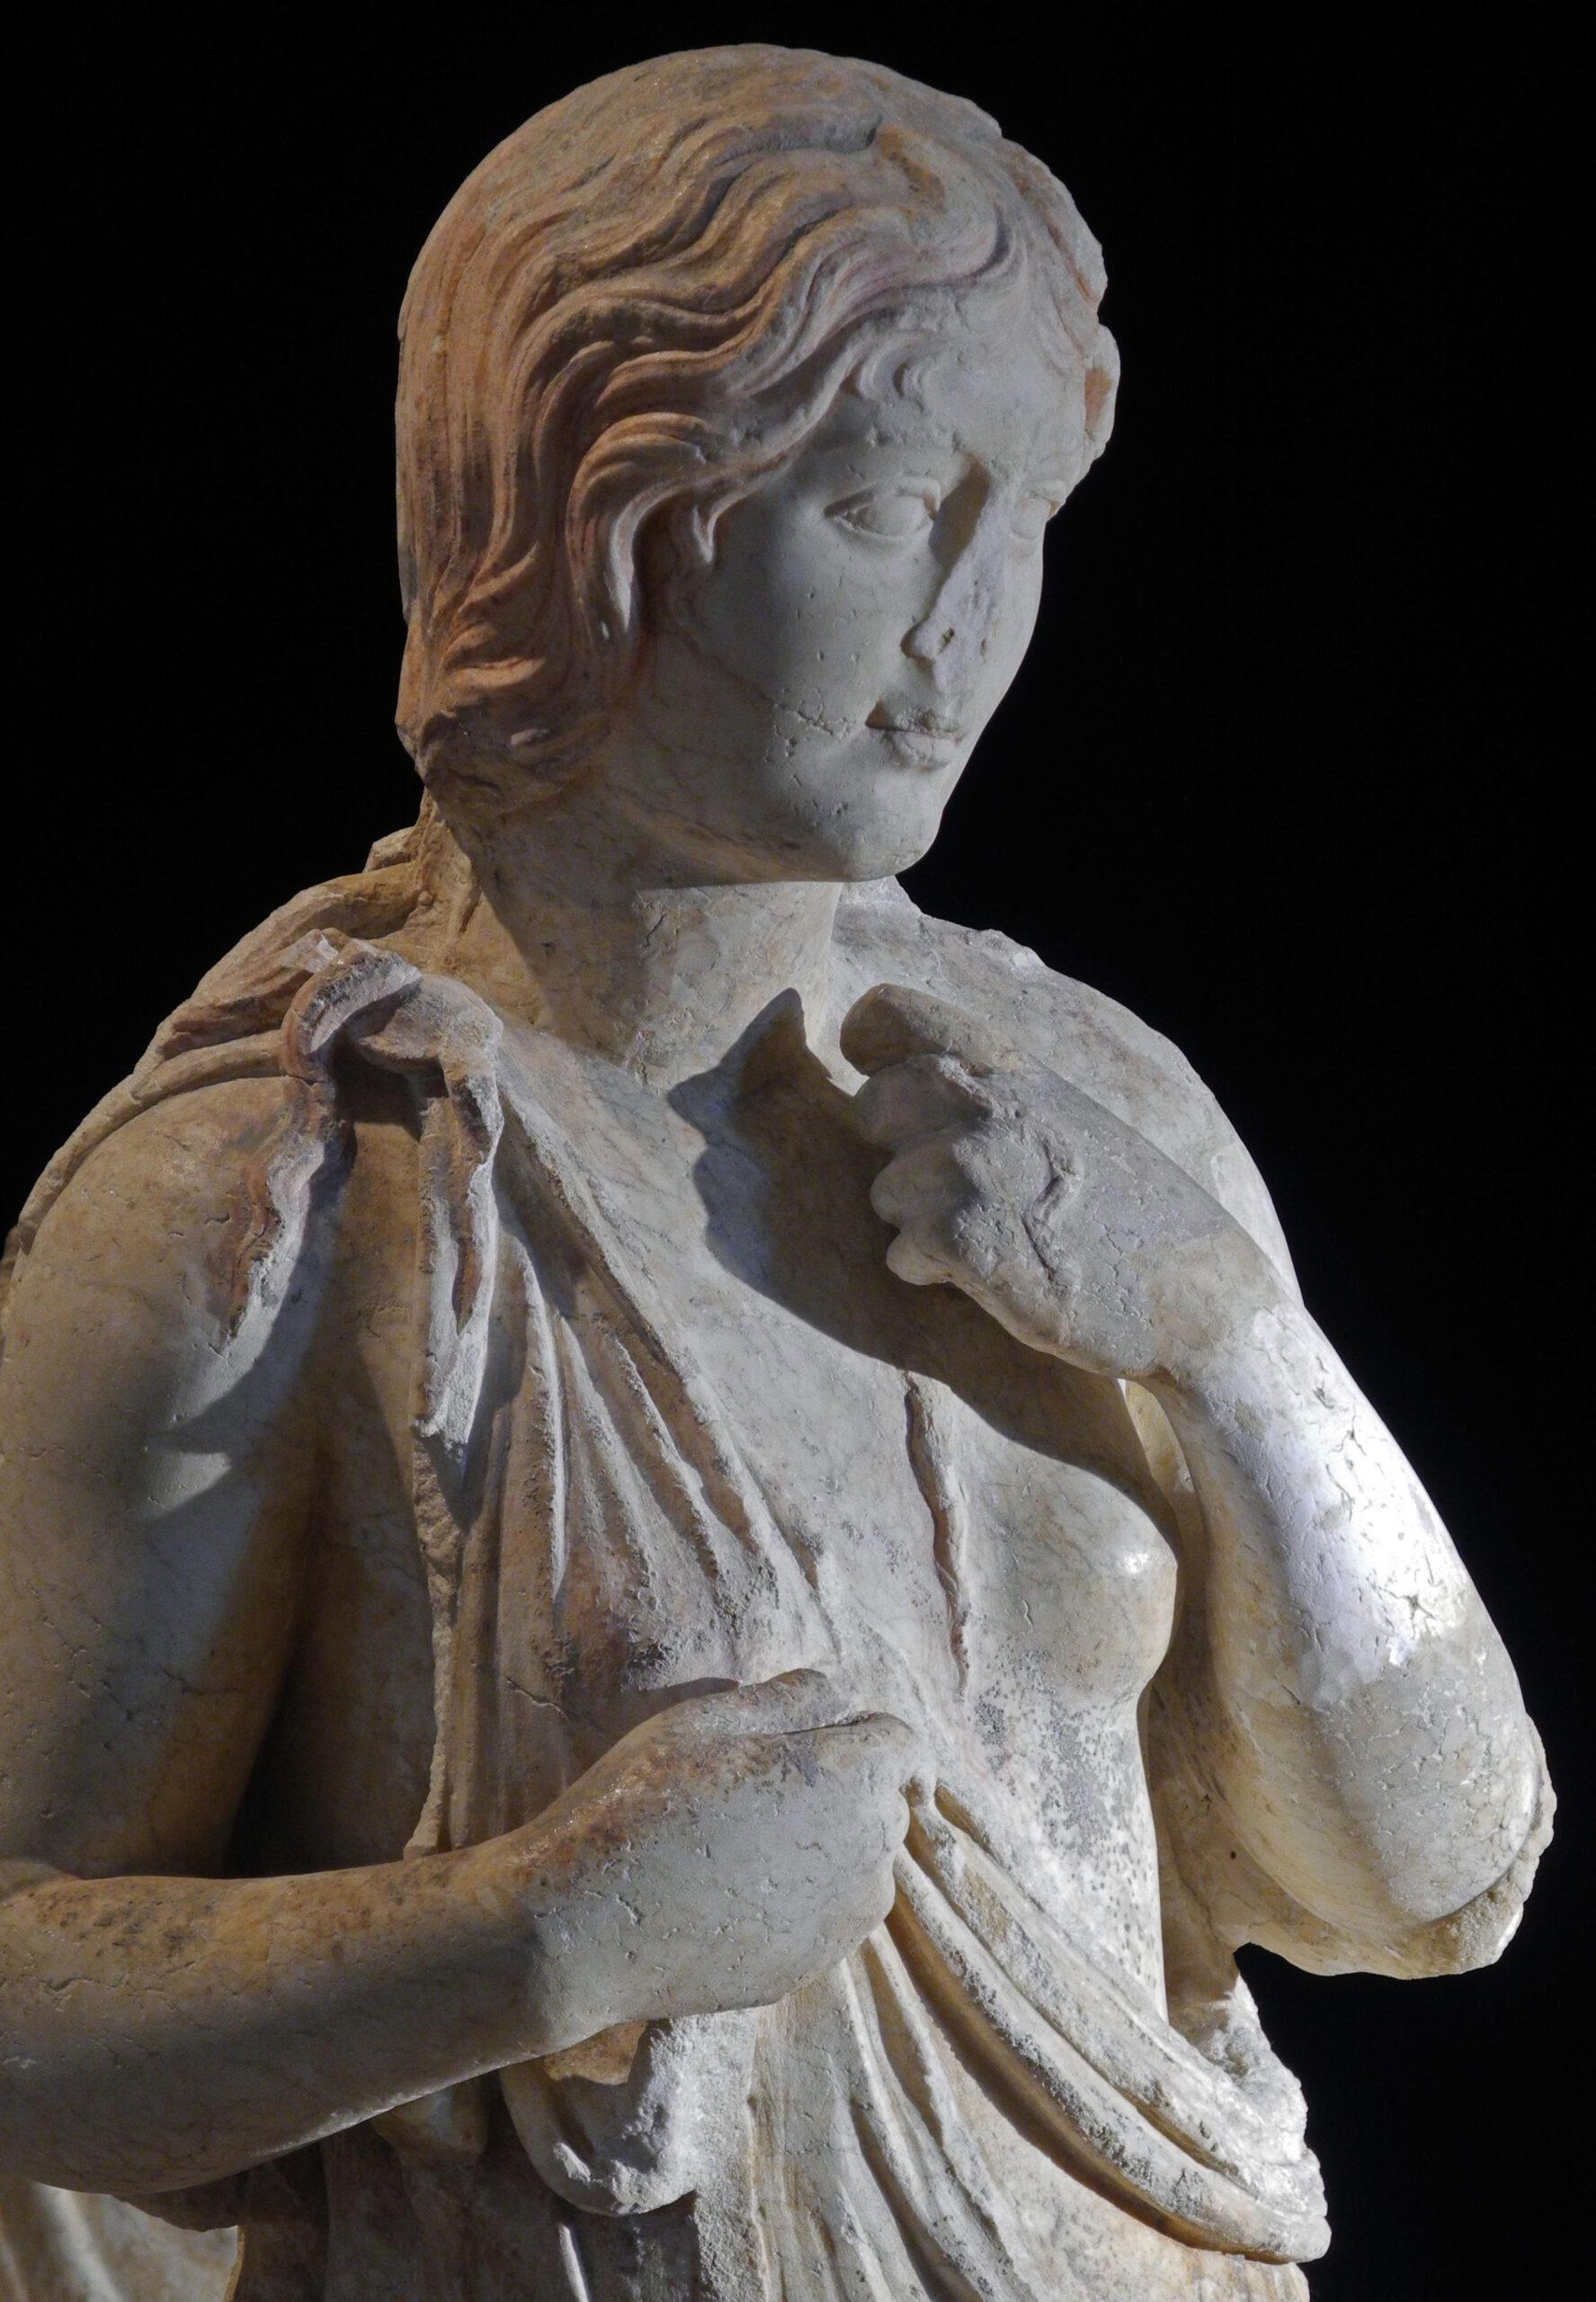 Musée archéologique départemental St Bertrand de Comminge - Exposition - Hispinia